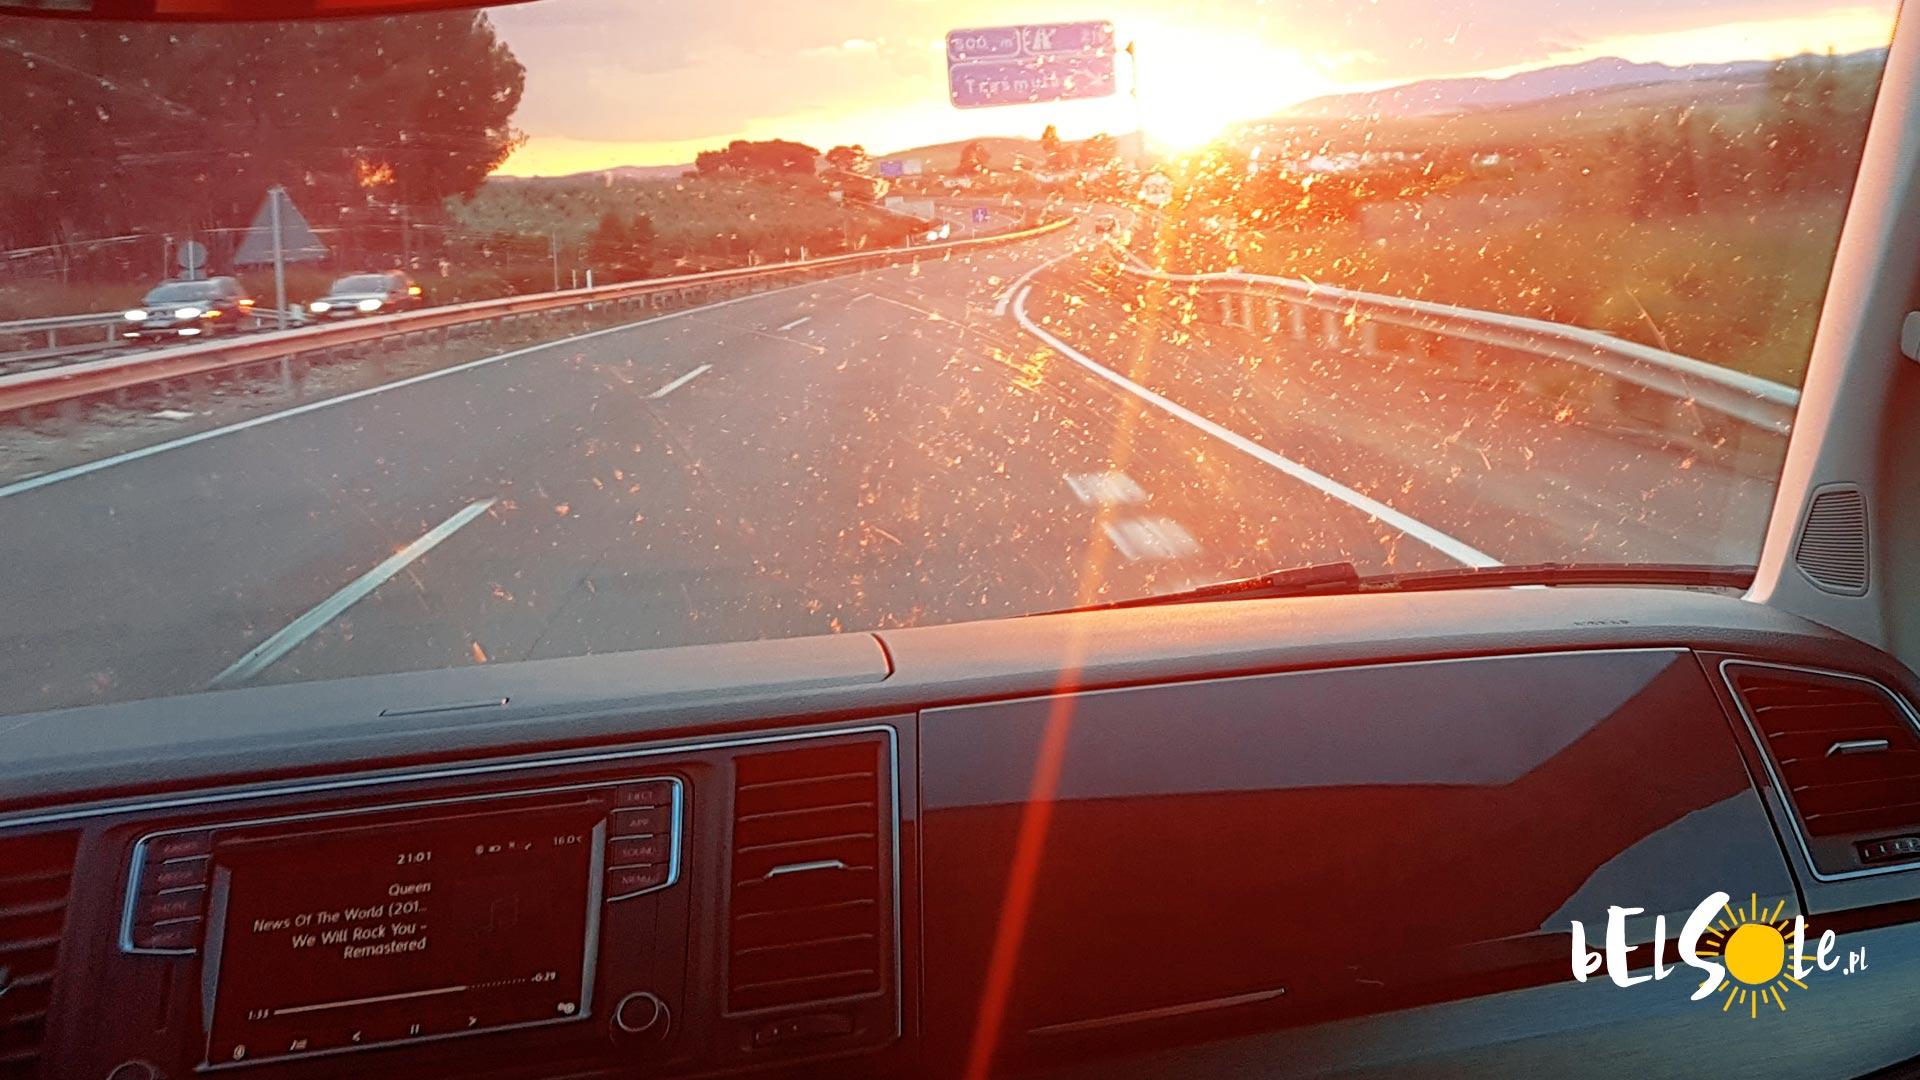 Przepisy drogowe w Hiszpanii